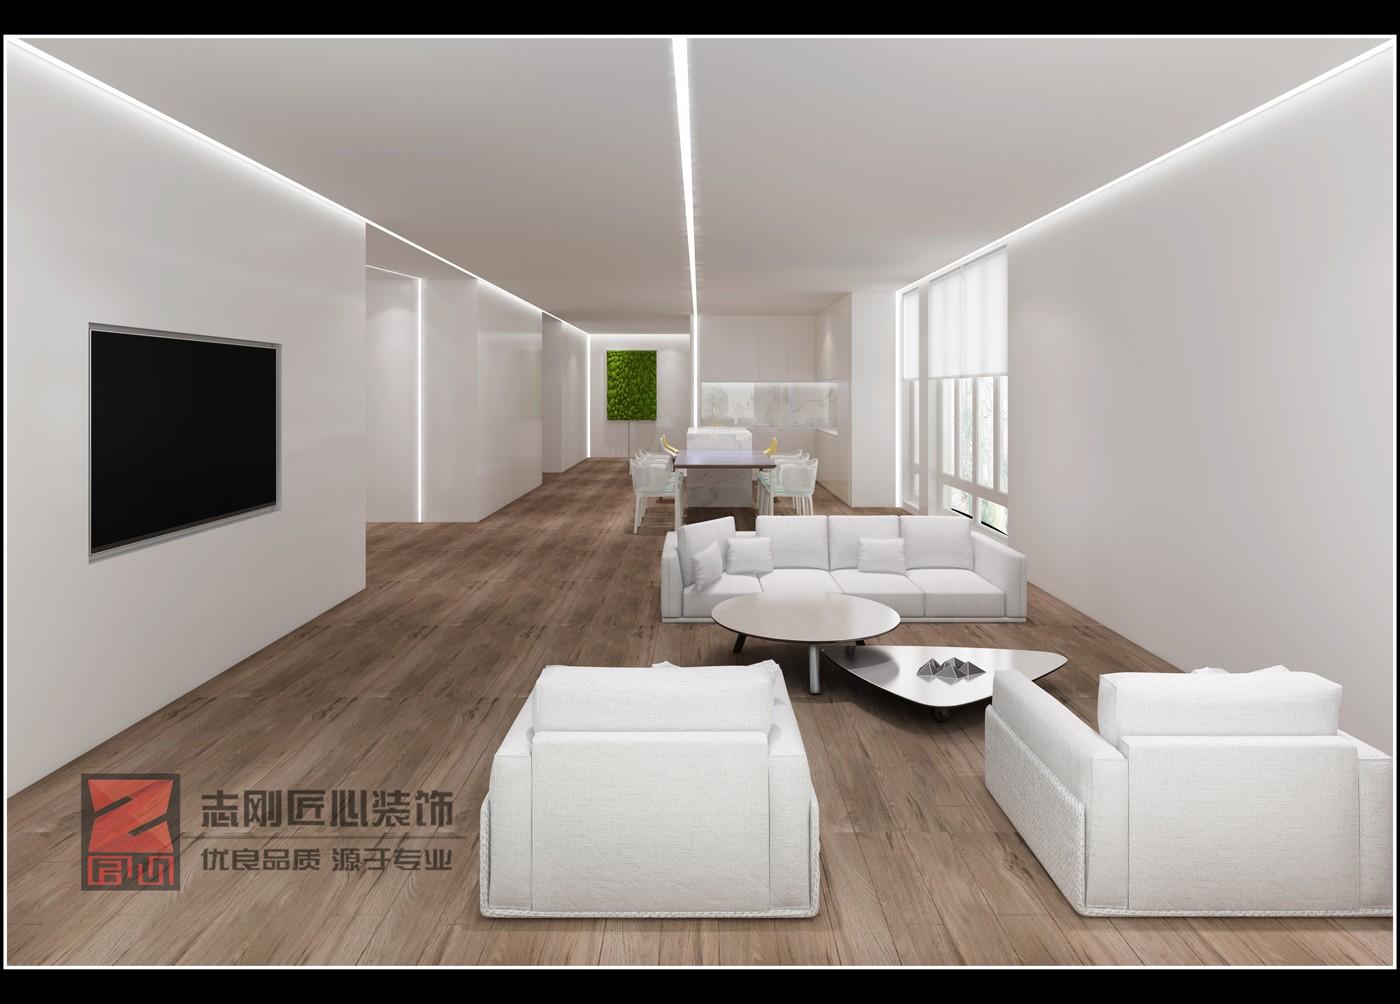 极简别墅客厅装修效果图